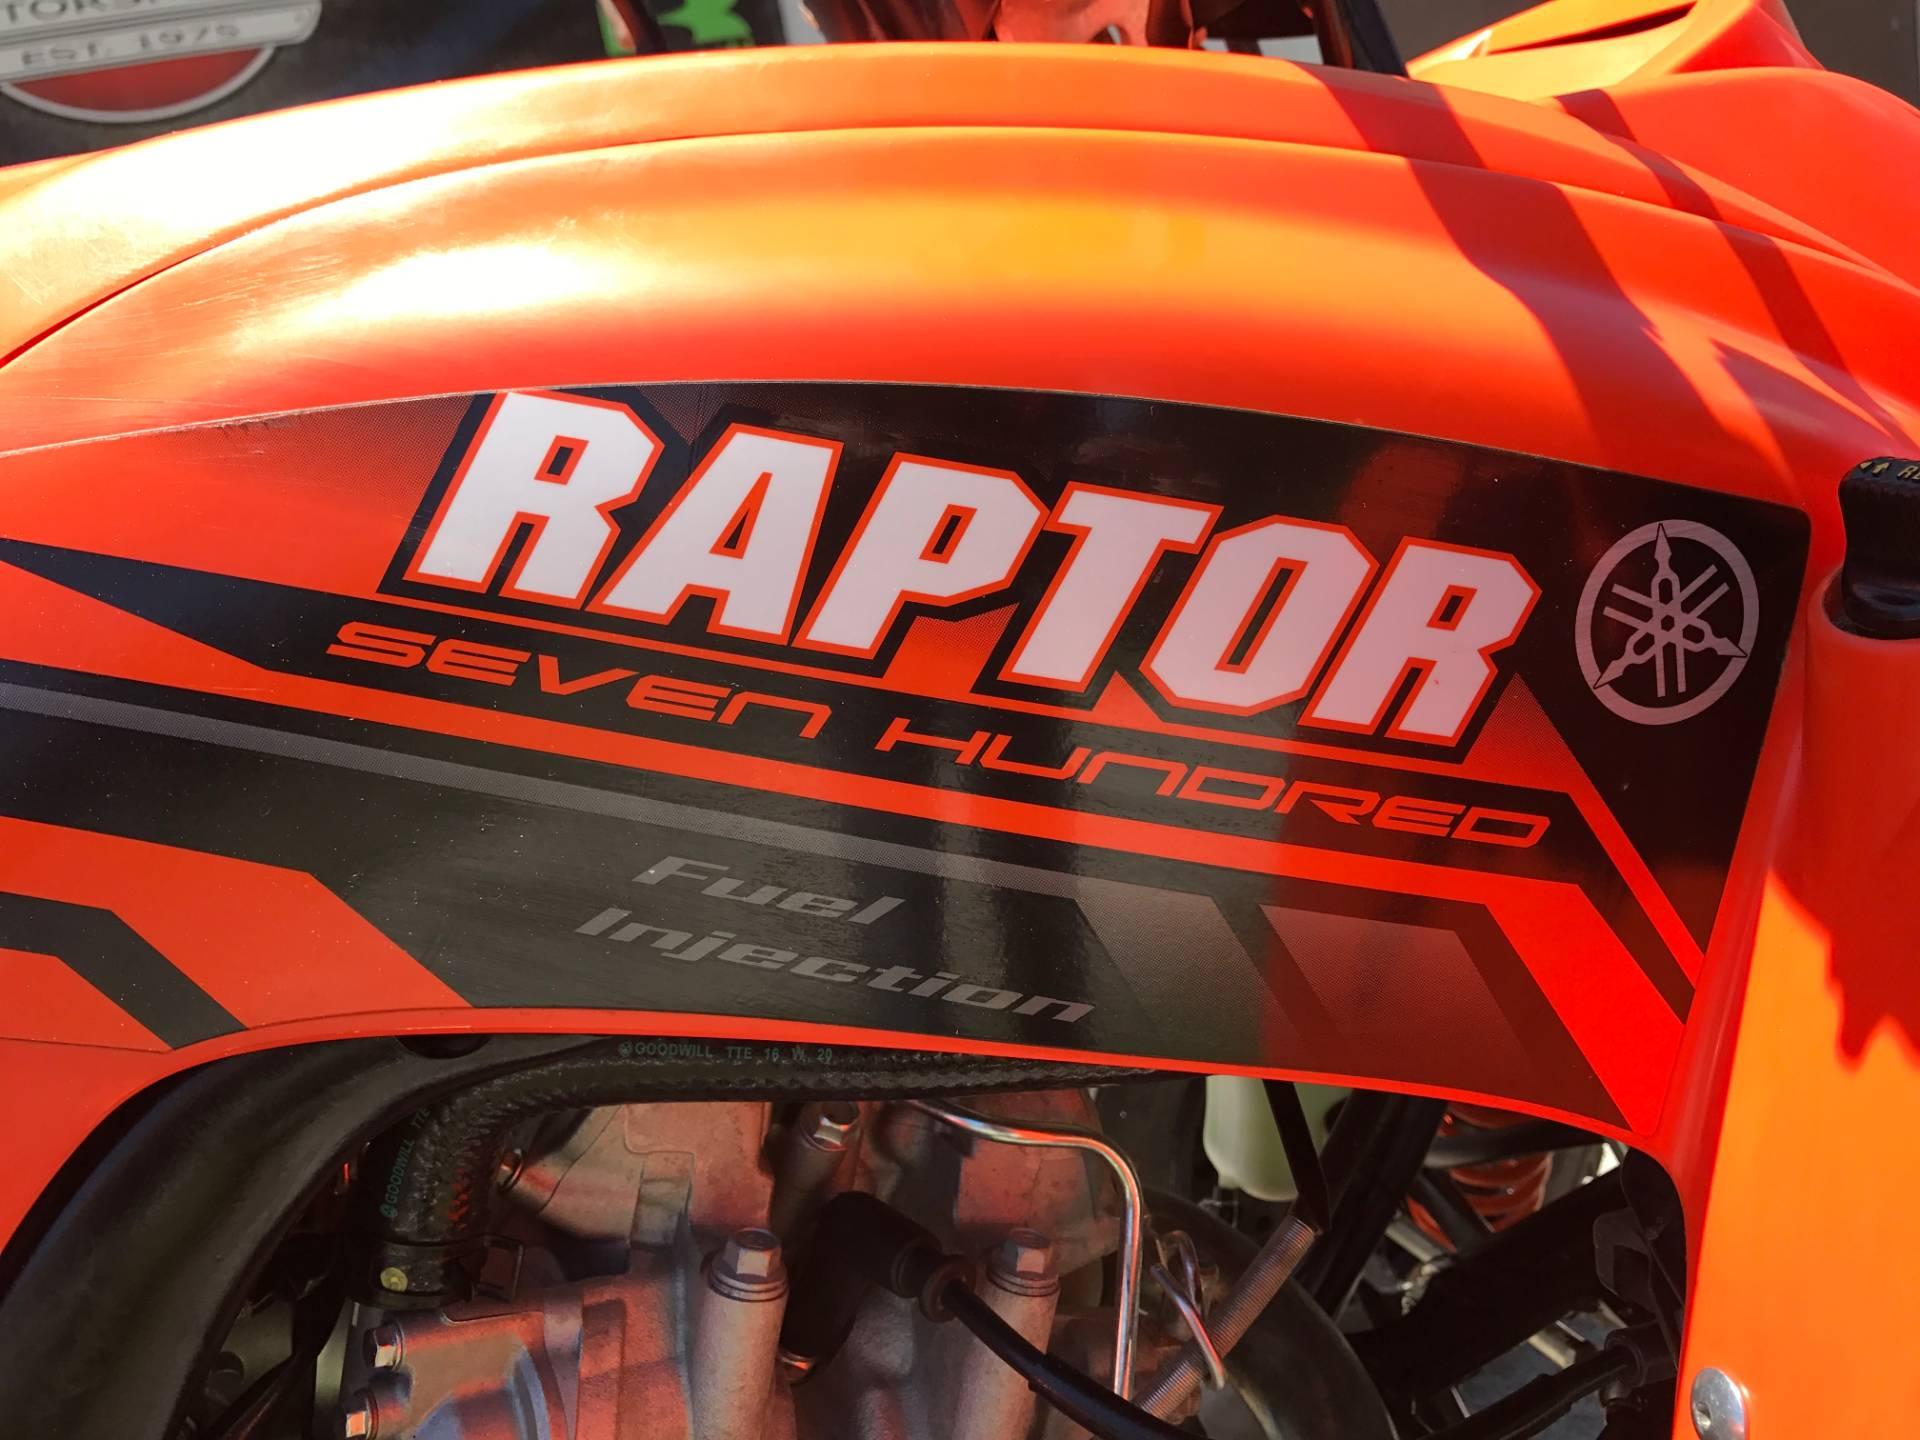 2017 Yamaha Raptor 700 12